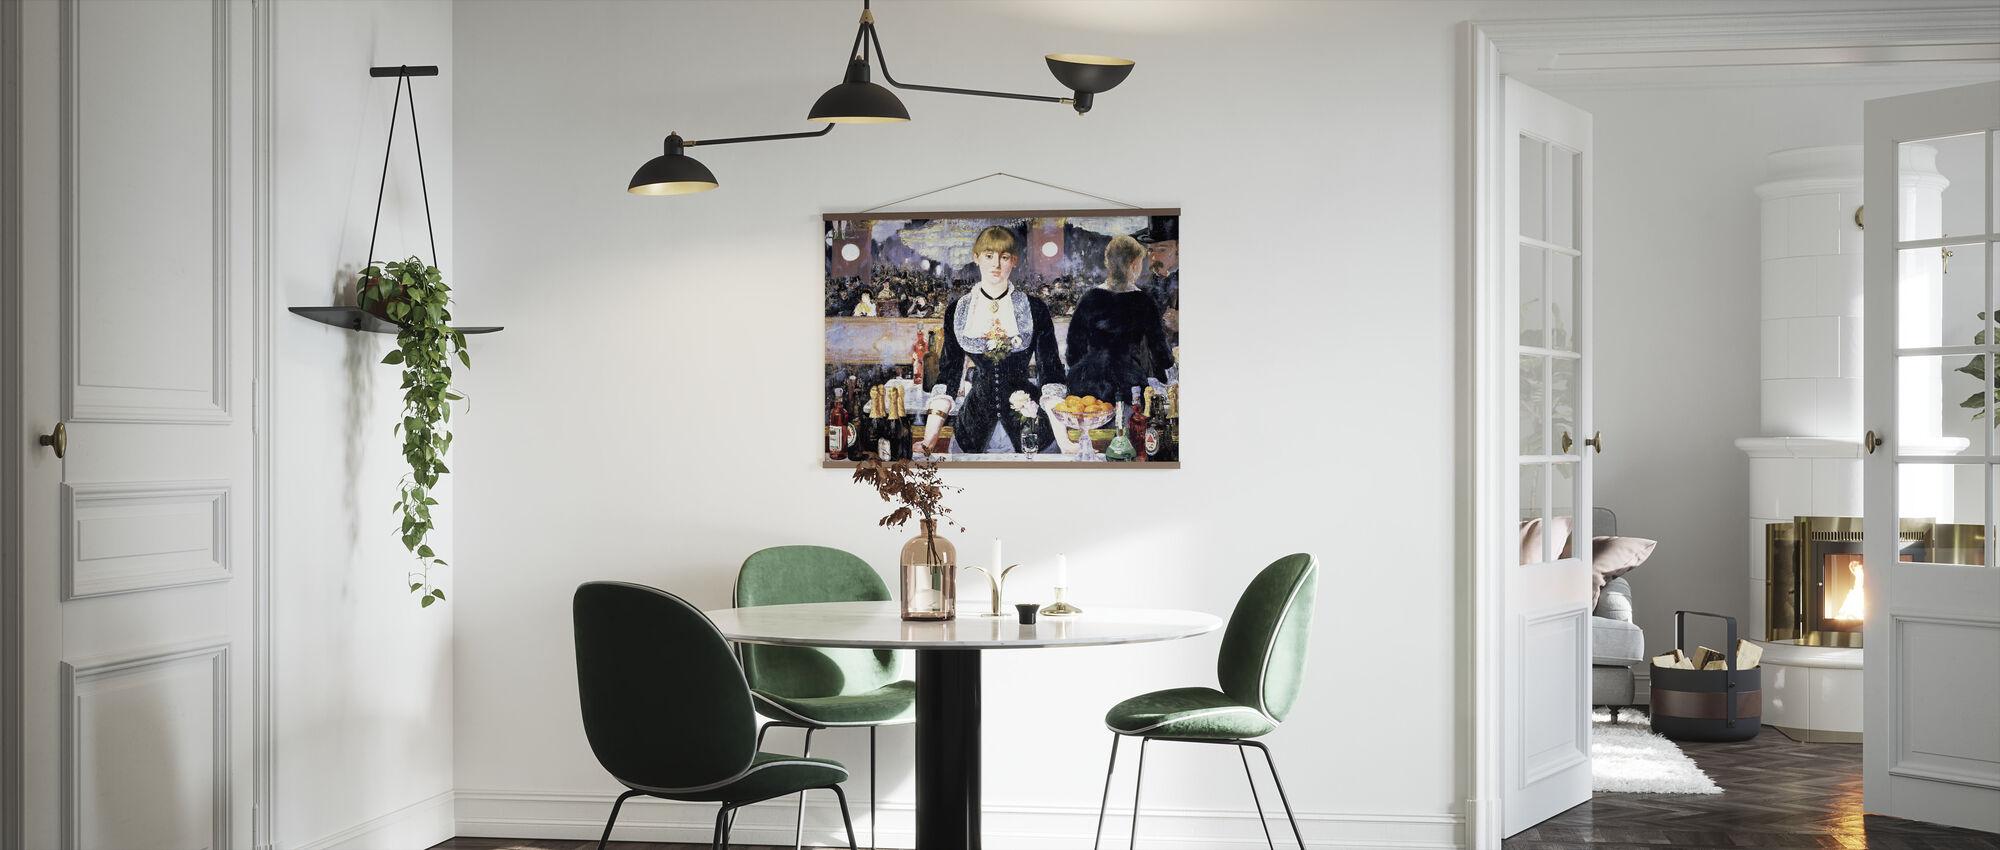 Bar på Folies-Bergere, Edouard Manet - Poster - Kök